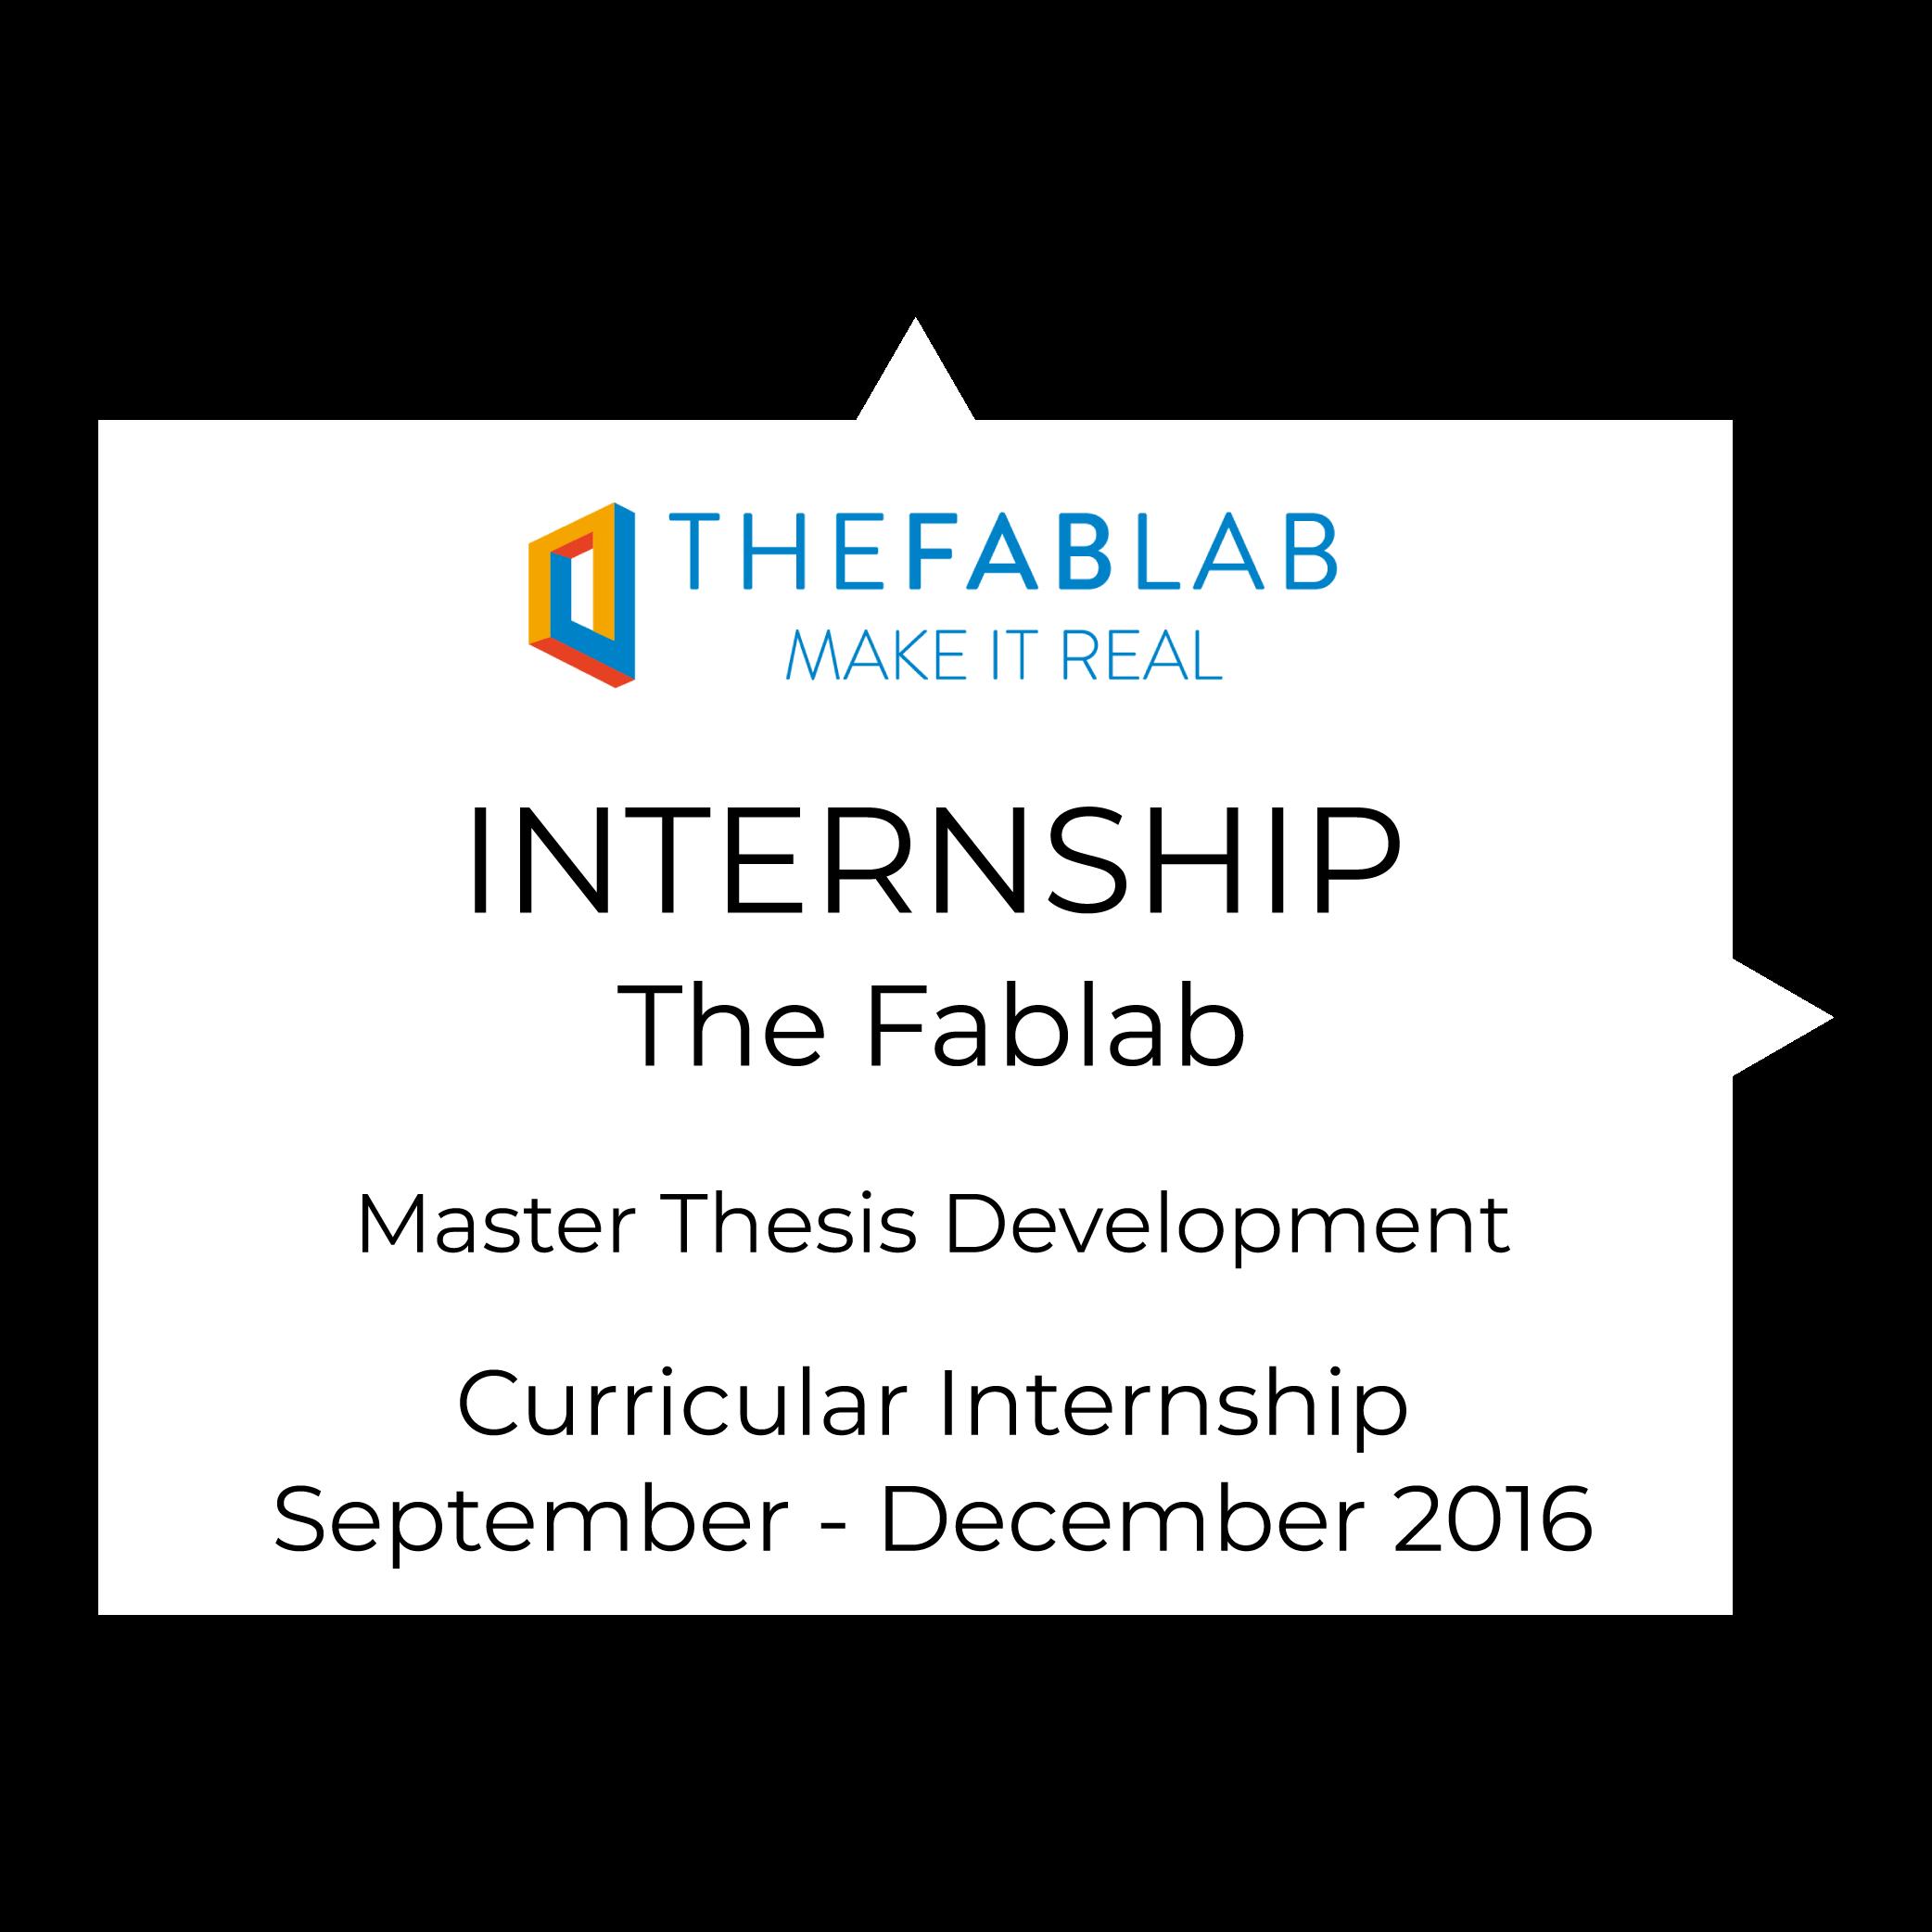 Resume-Internship_TheFablab-Marco-Bonanni